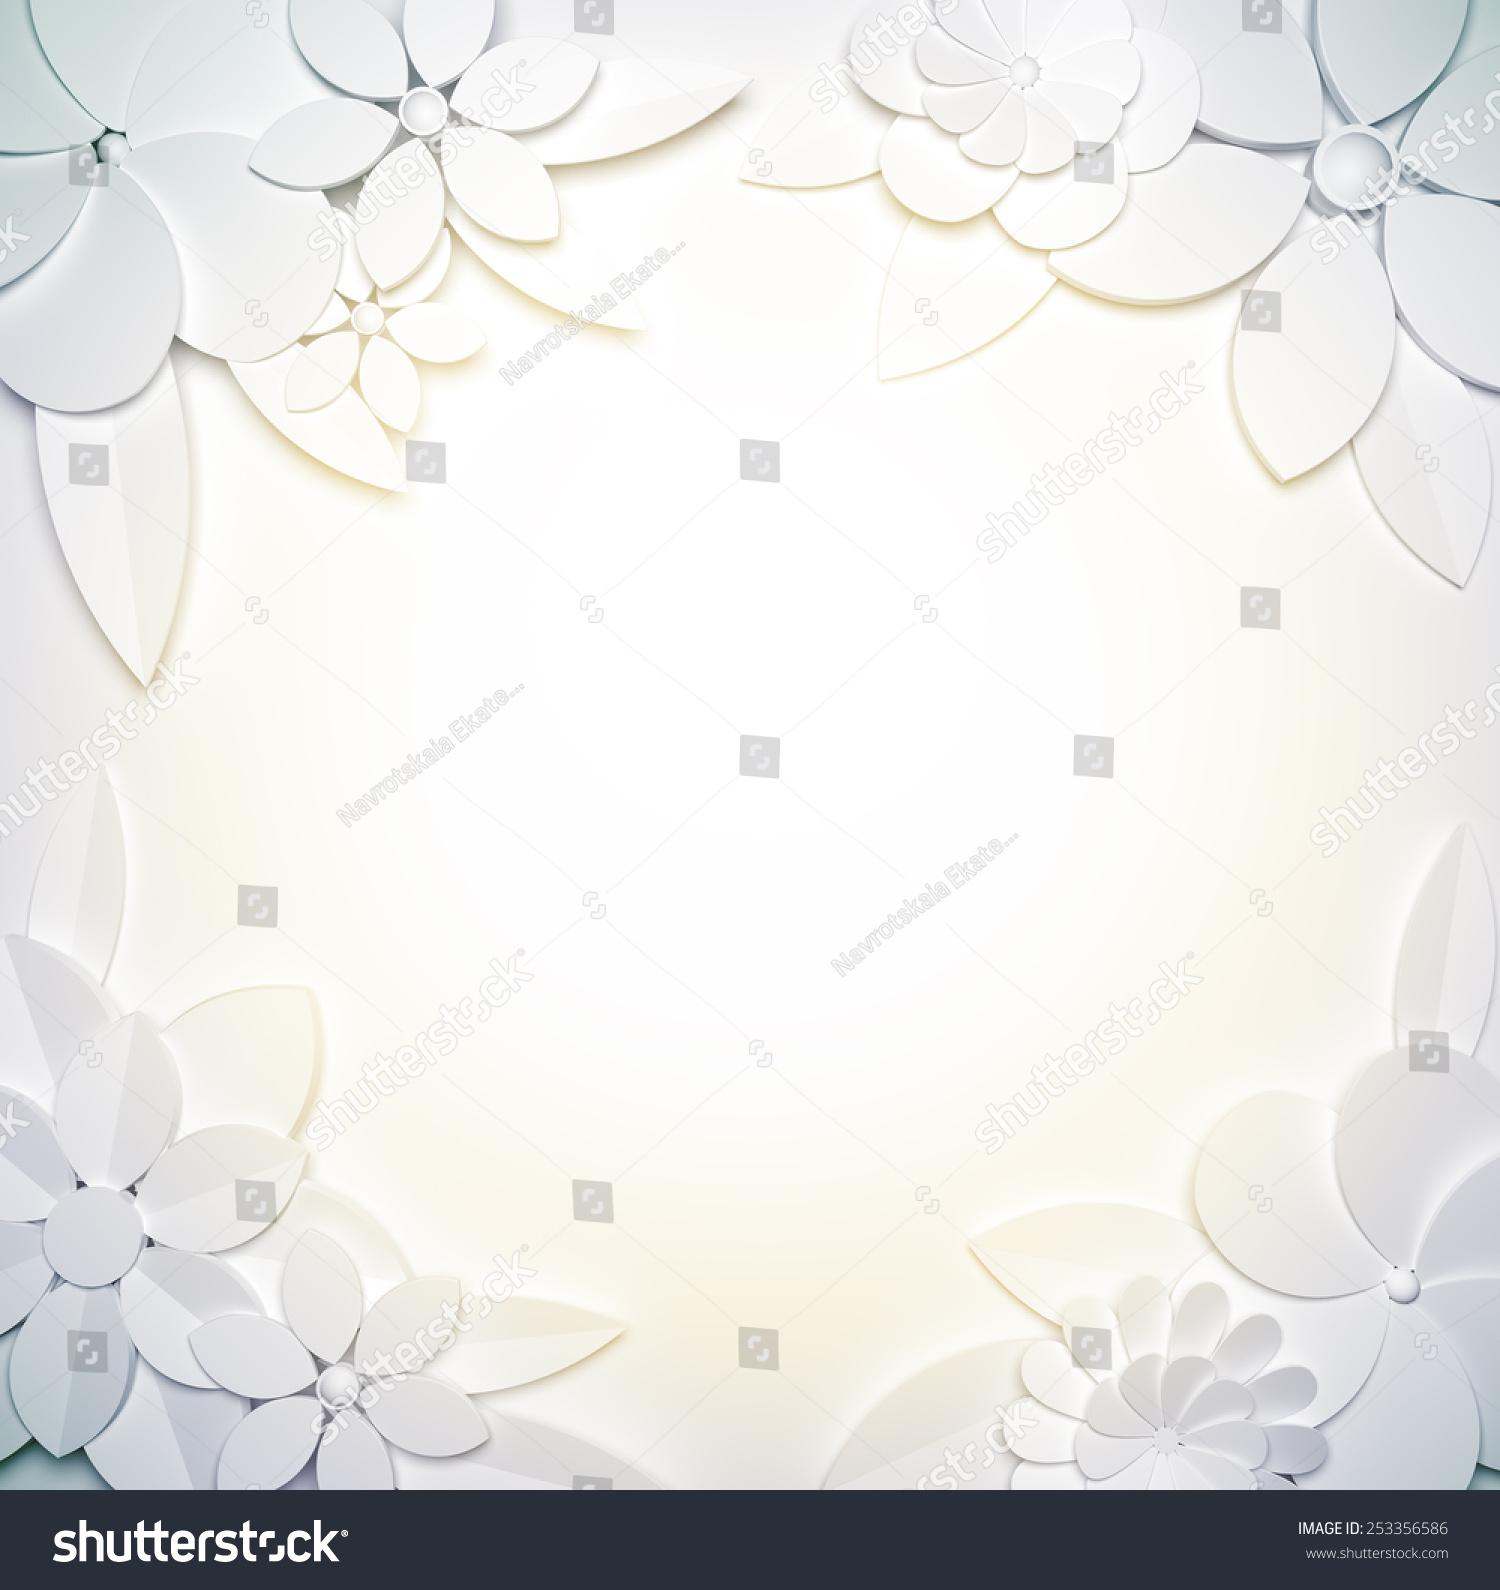 模板的背景与框架与3 d纸风格的花.-背景/素材,自然